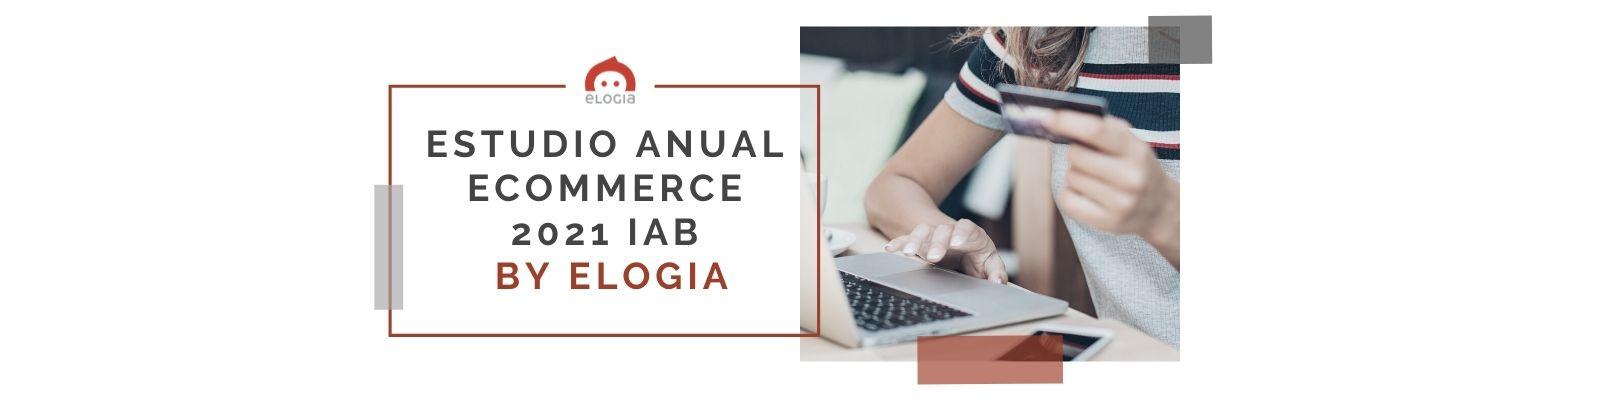 Claves del Estudio Anual eCommerce 2021 IAB by Elogia